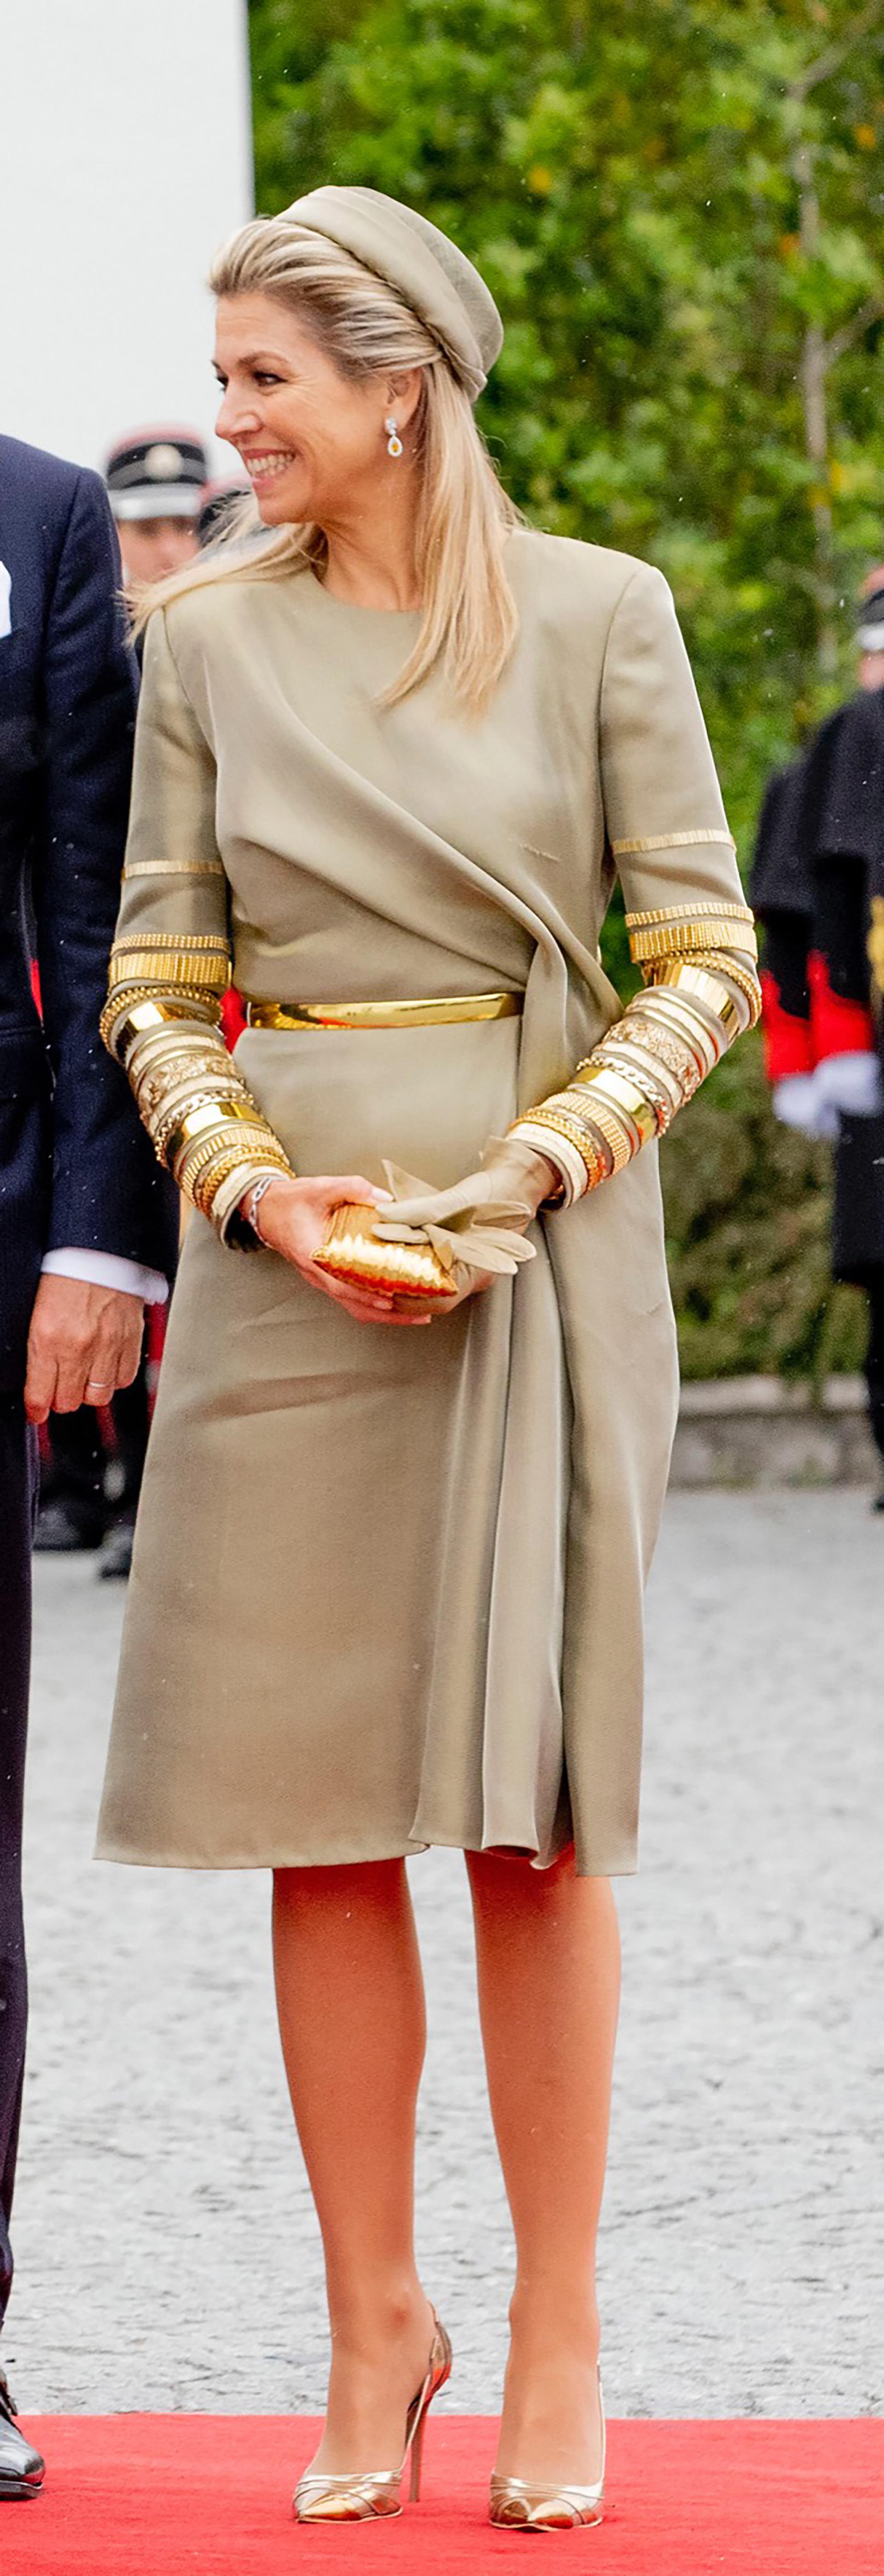 De dorado, la reina de Holanda supo brillar más que nunca.